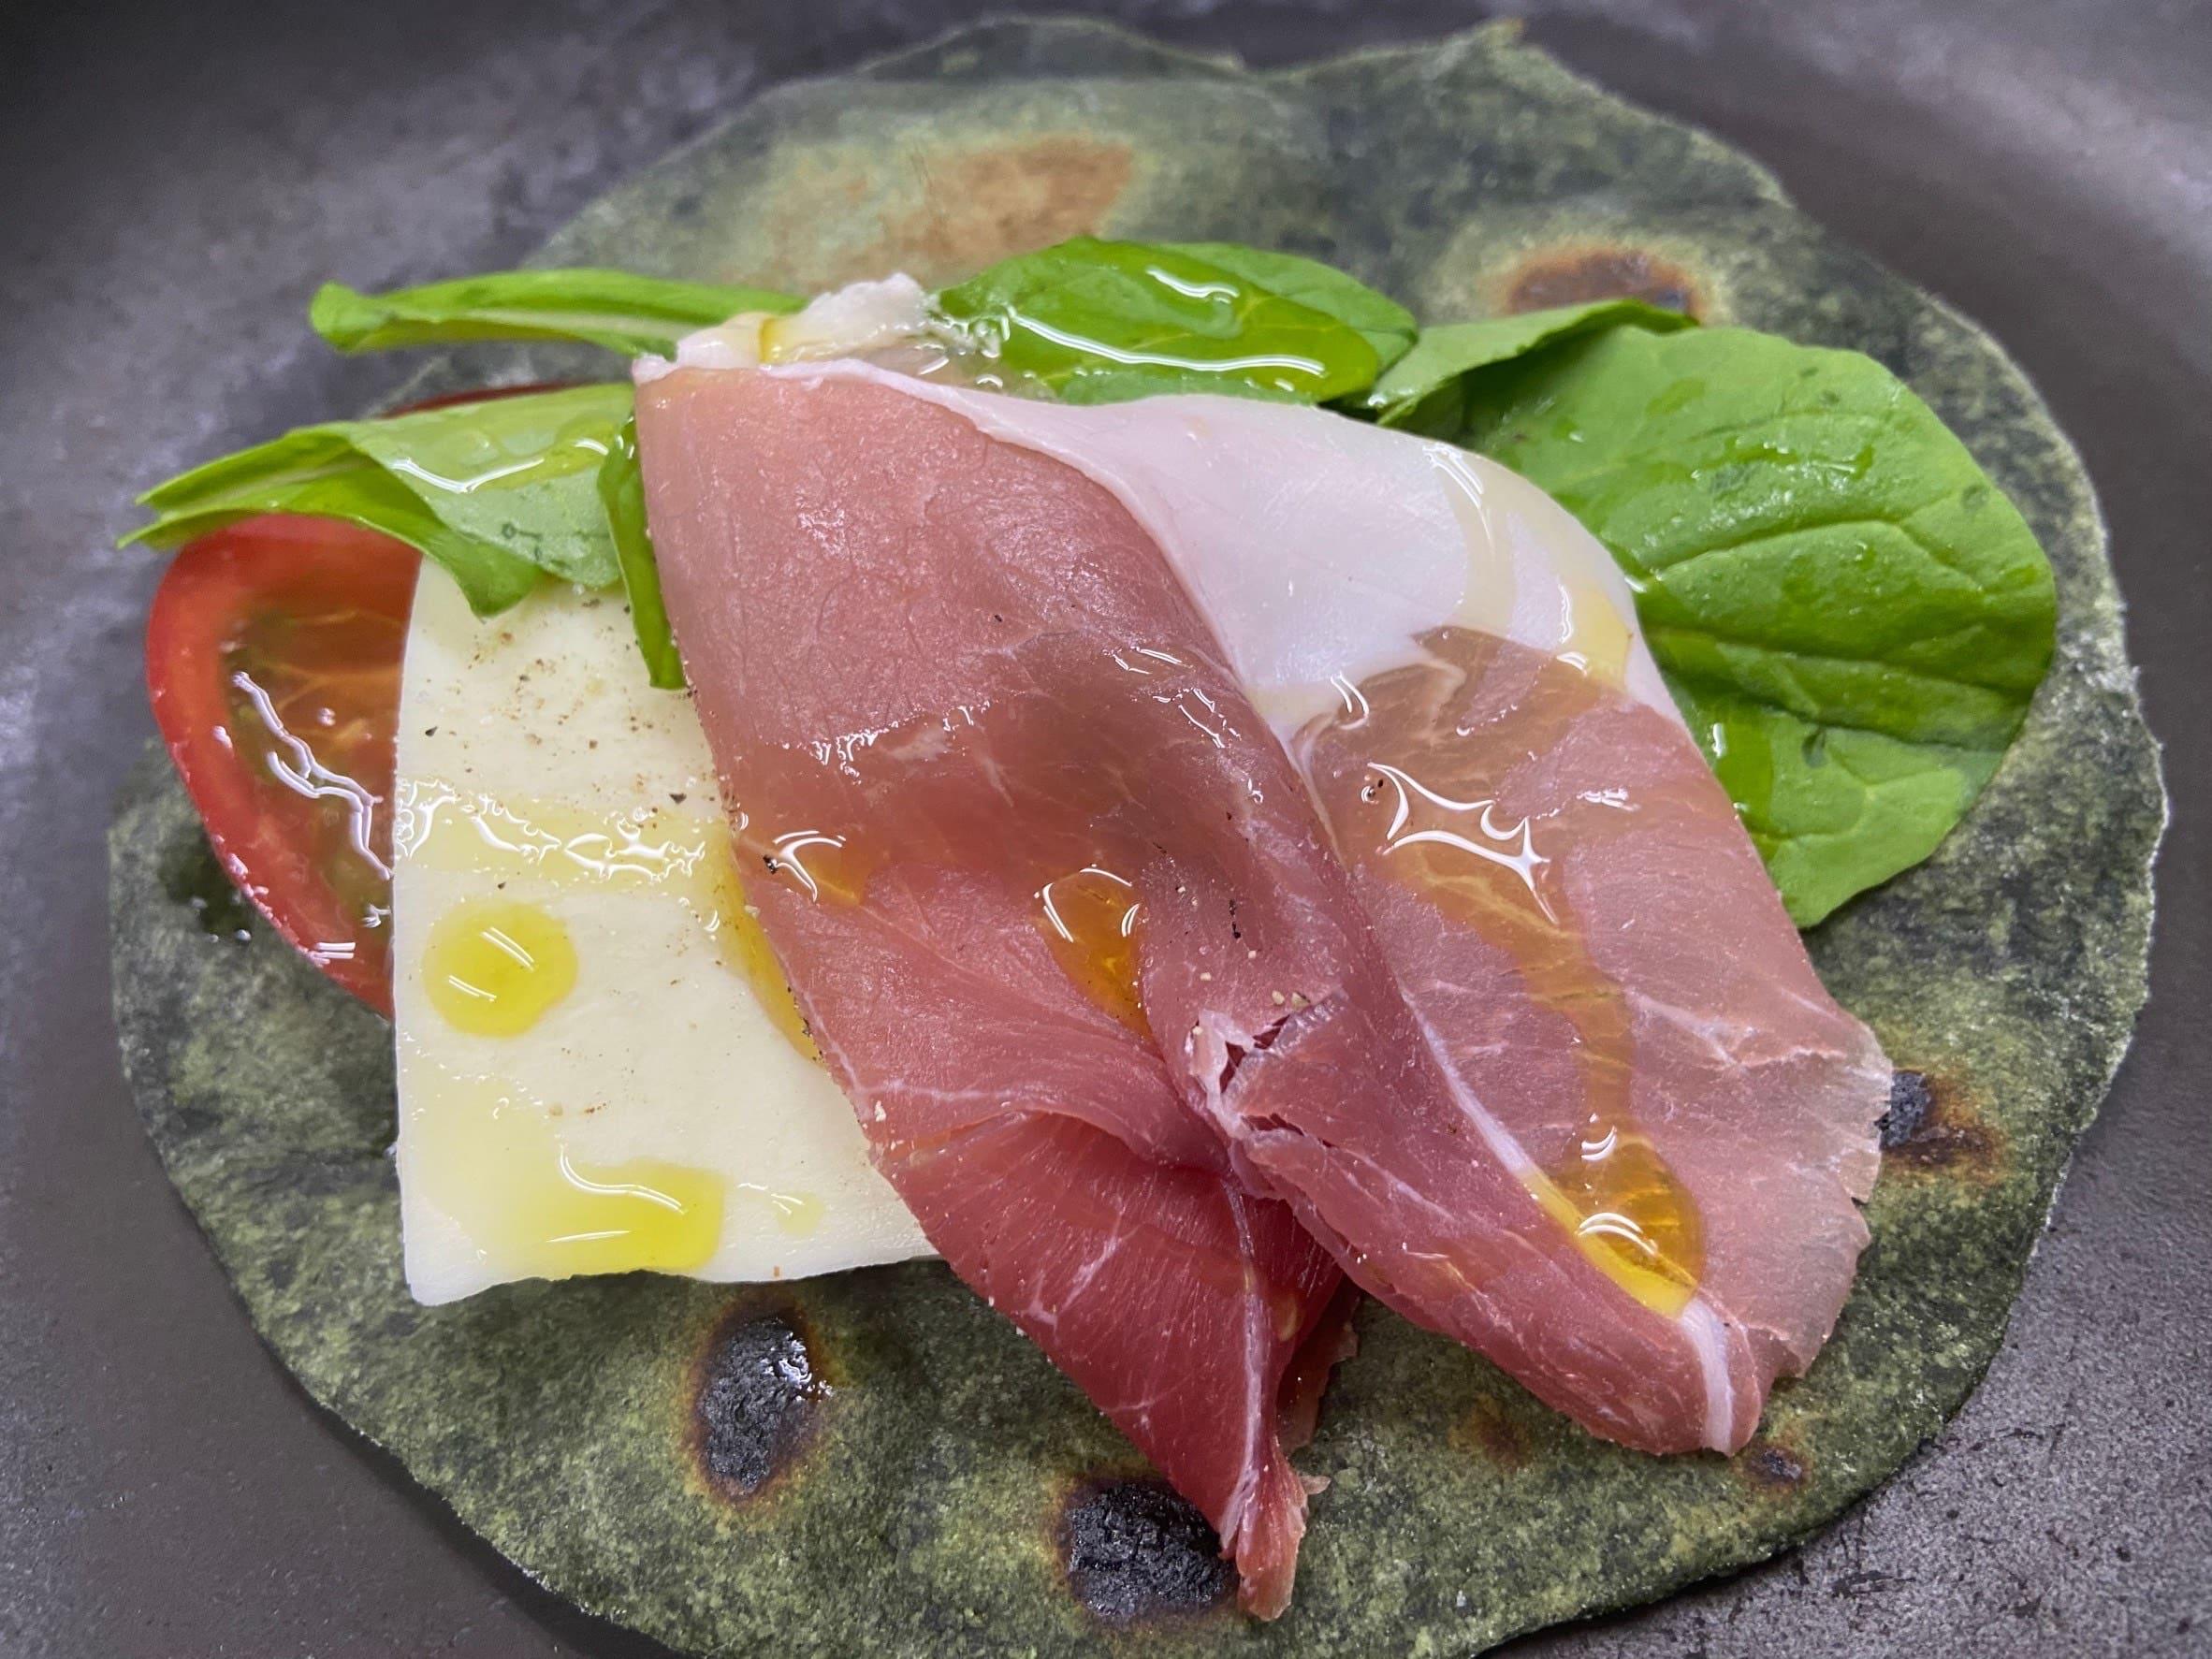 よもぎを練り込んだ平たいパンを香ばしく焼きあげ、生ハム、トマト モッツァレラチーズ、ルーコラを挟んだパニーニです。